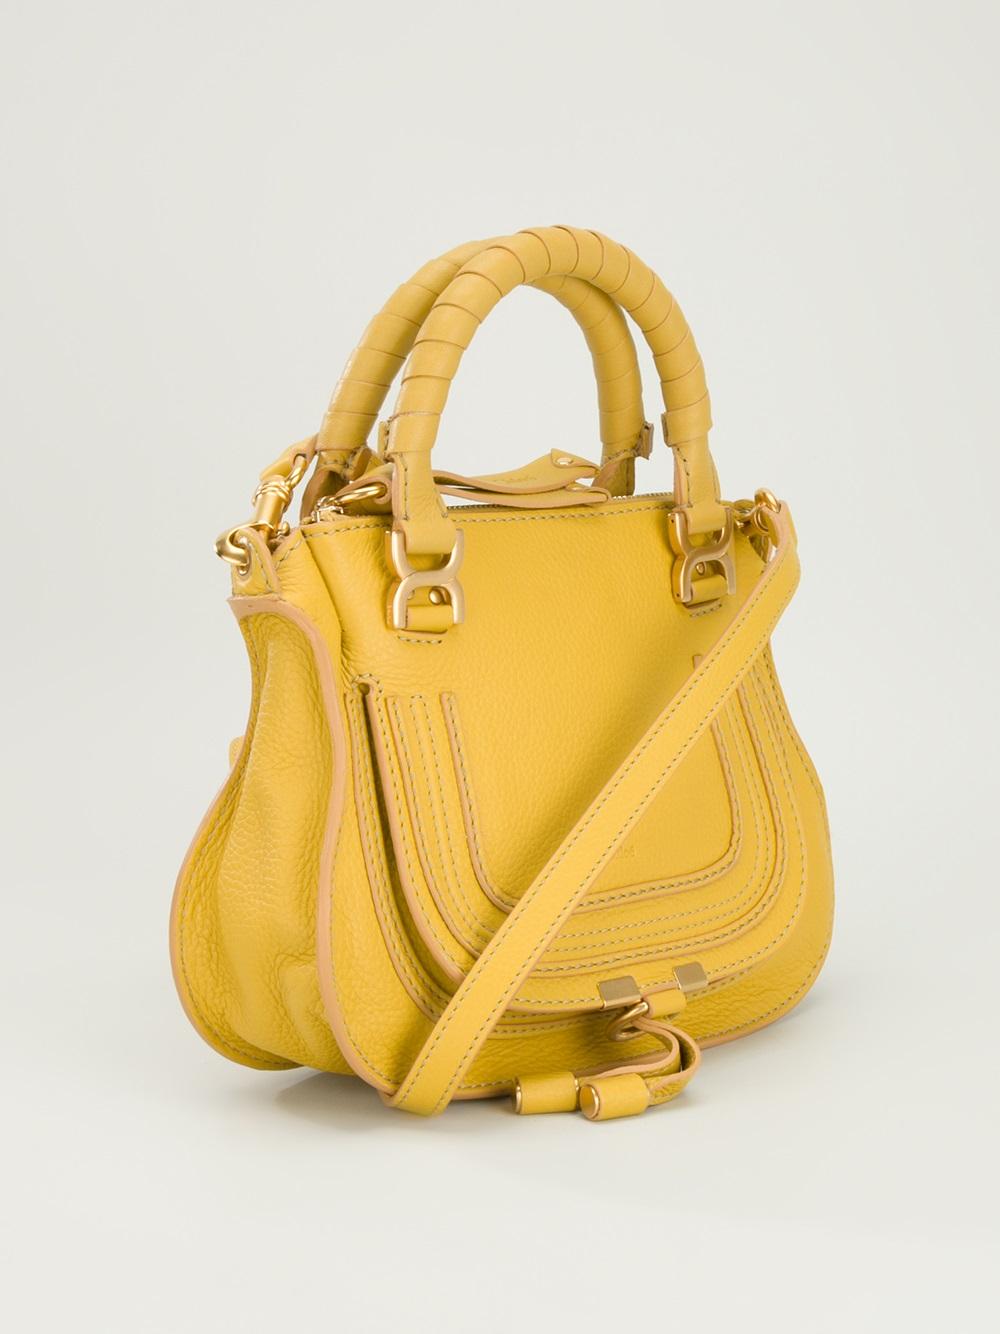 chloe elsie small bag - chloe leather vermilion shoulder bag, chloe red bags